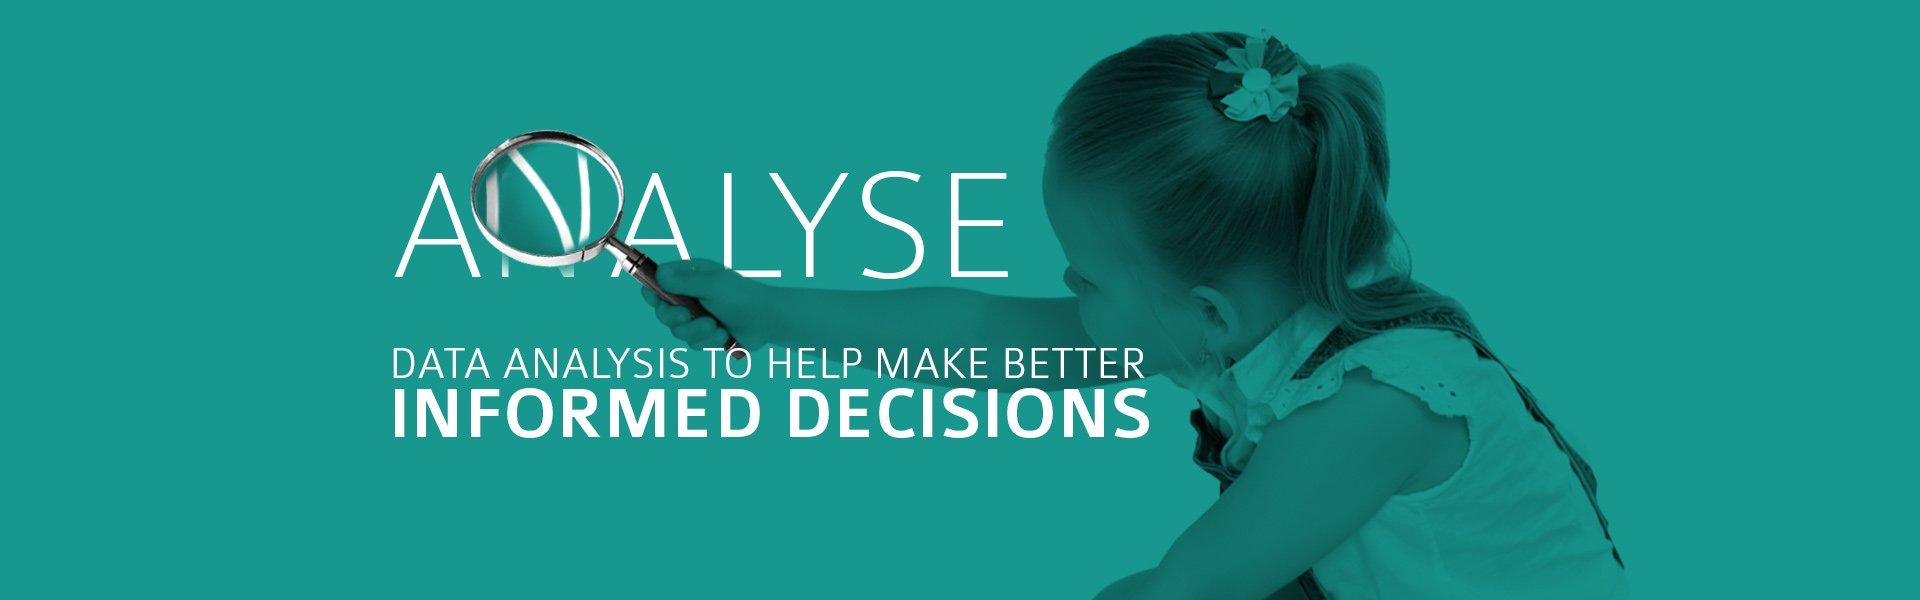 Analyse - Marketing Analysis